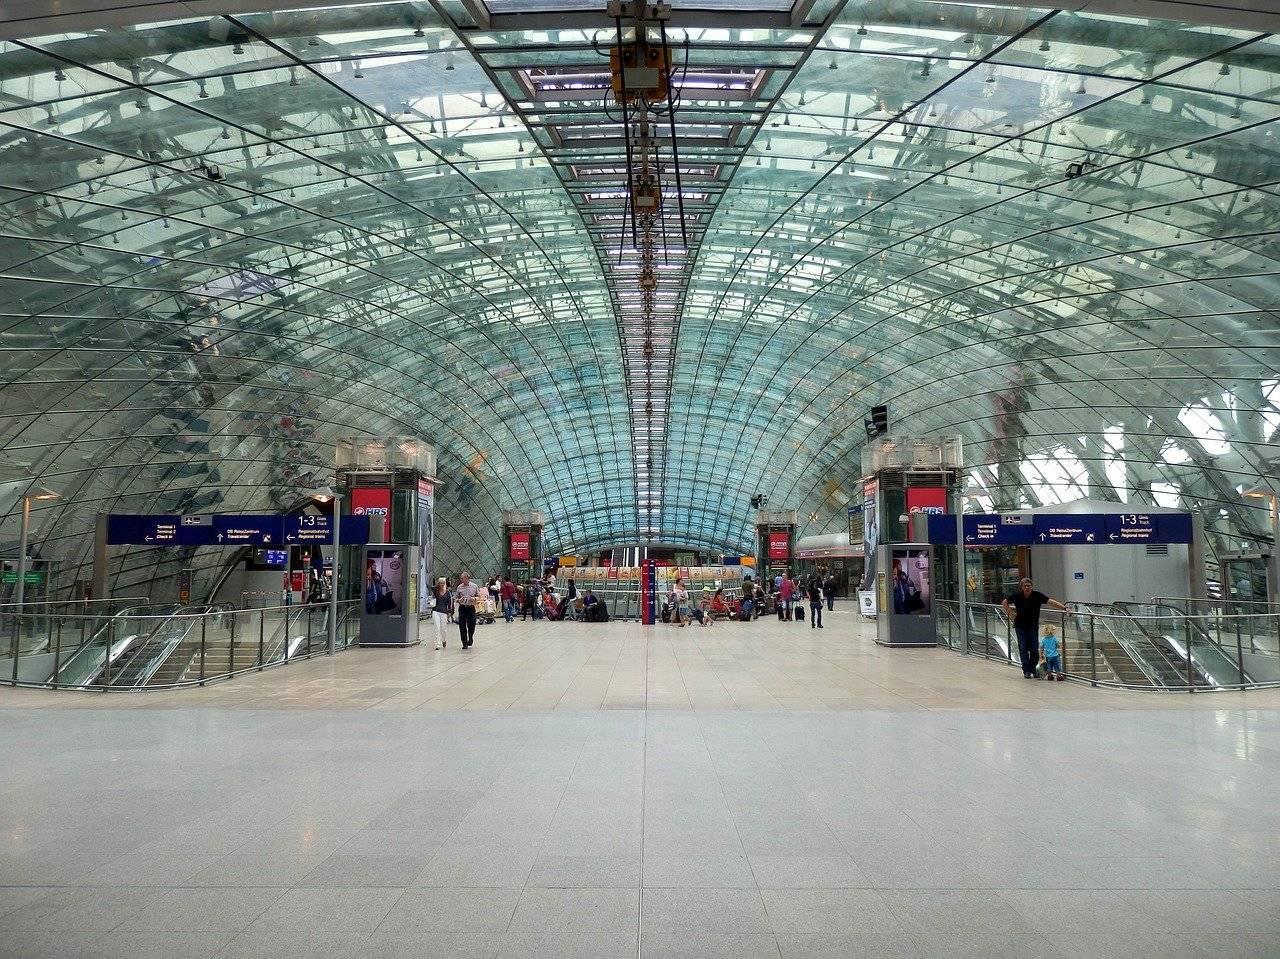 Франкфурт-на-майне (аэропорт)